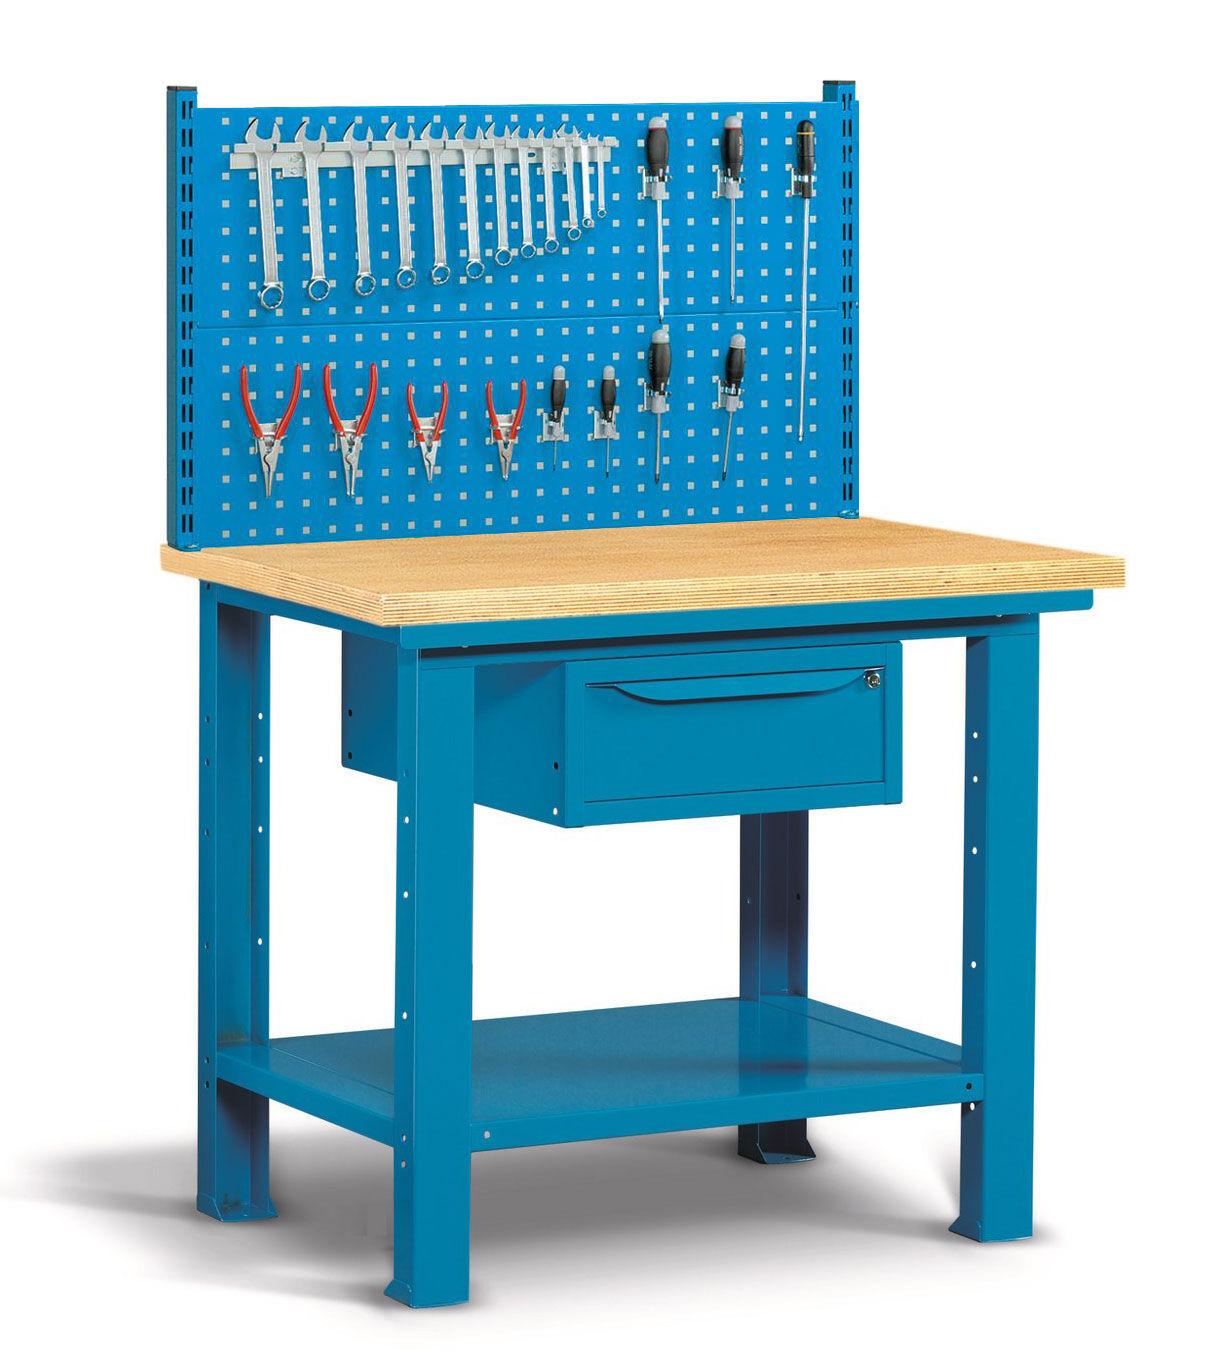 SETAM Etabli avec panneau perforé porte-outils 1 mètre